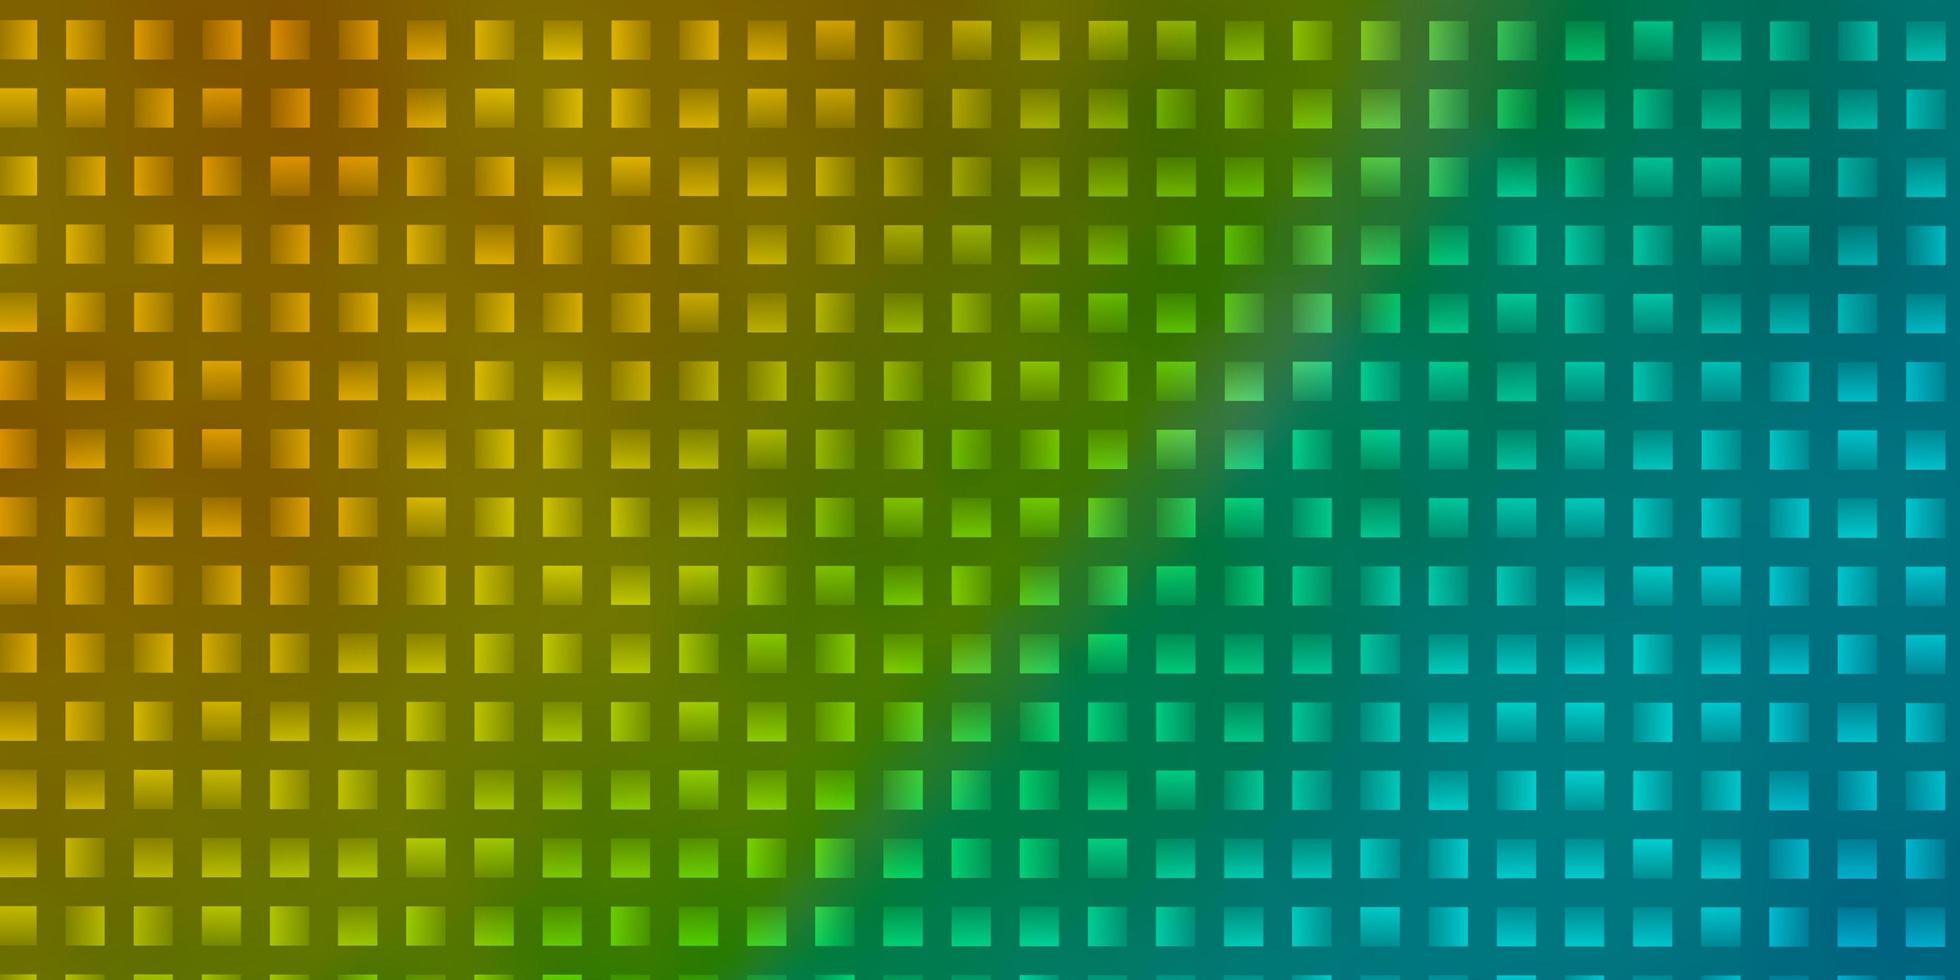 pano de fundo azul claro e amarelo com retângulos. vetor